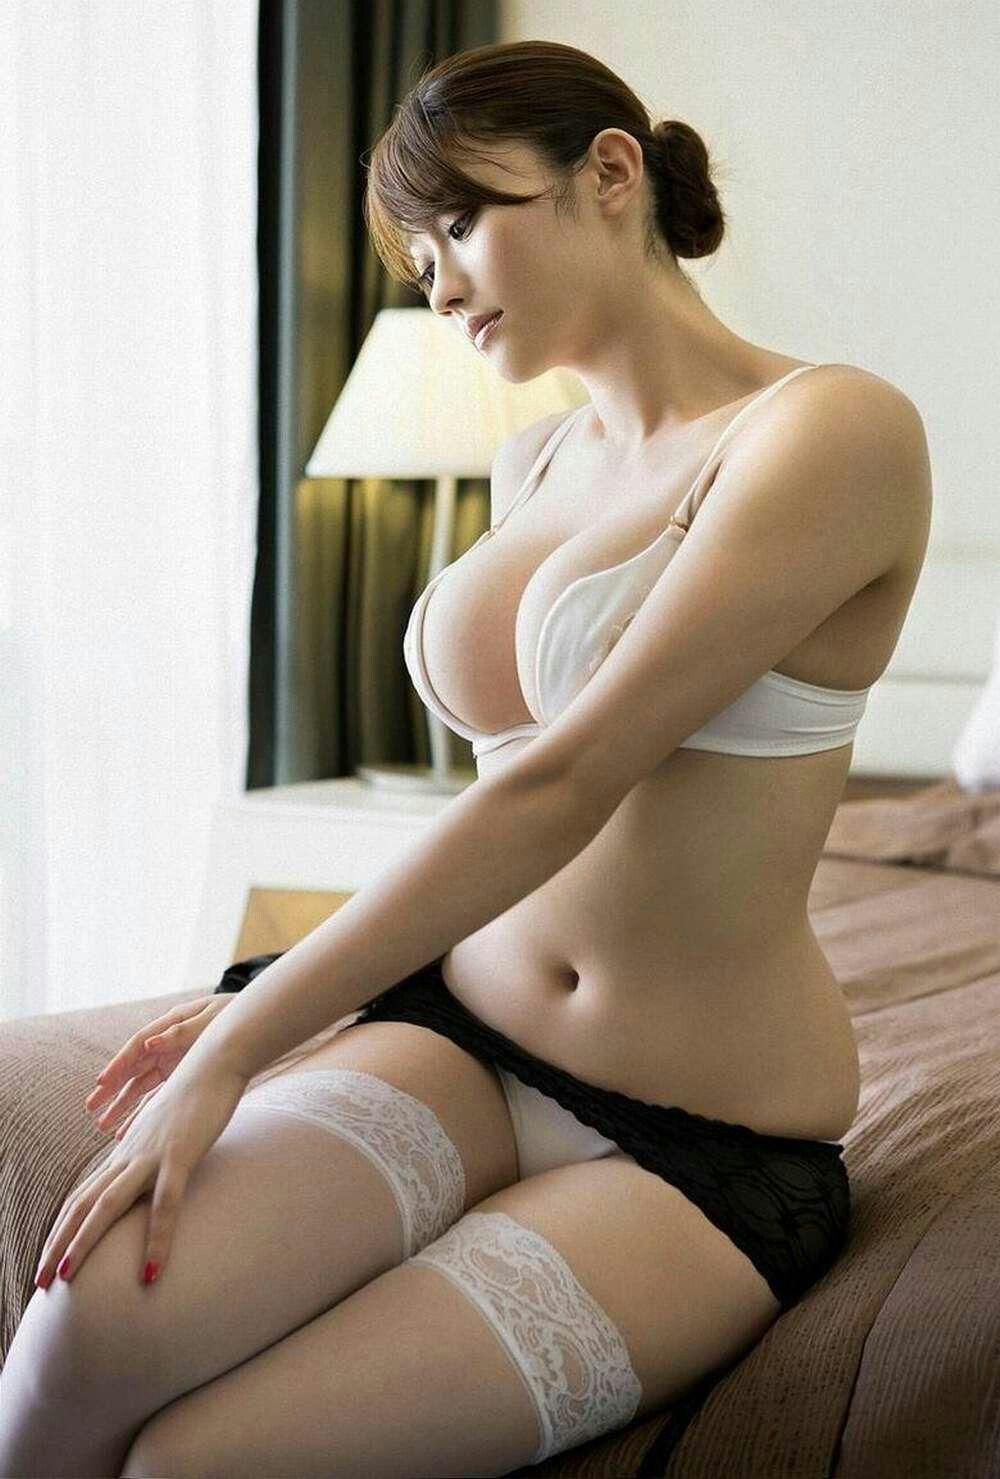 Asian busty pantie